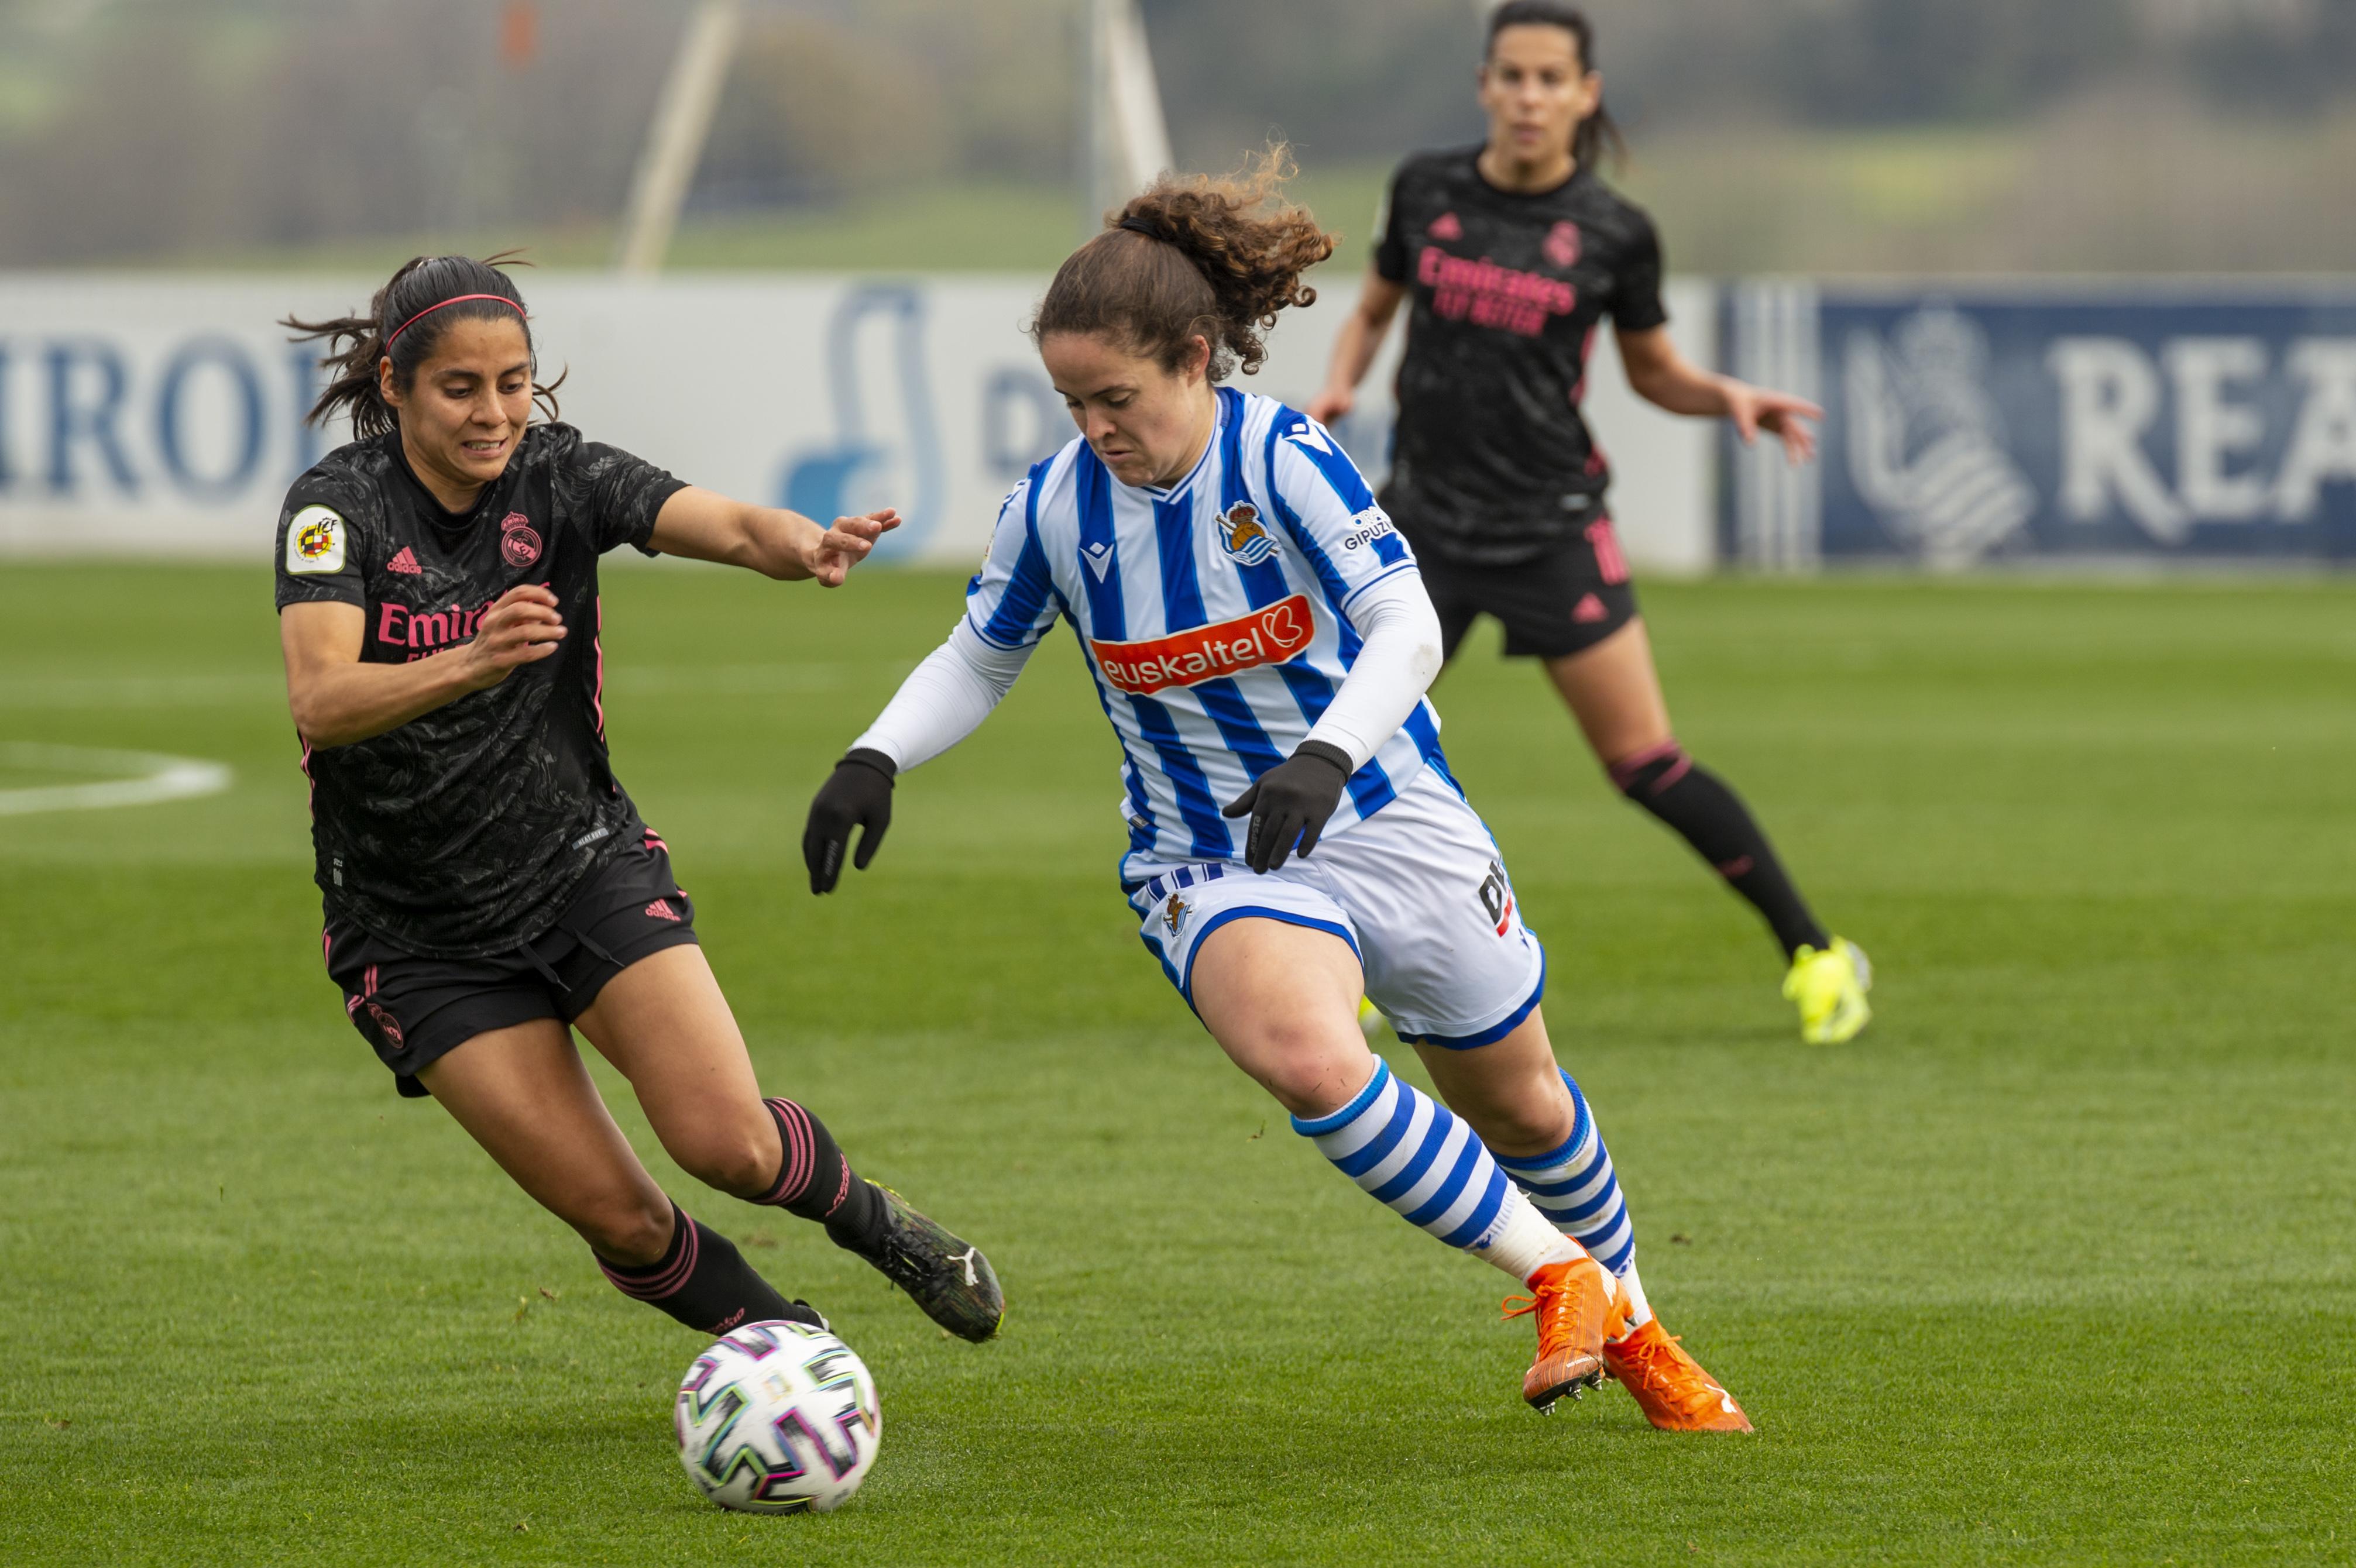 Real Sociedad v Real Madrid - Primera Division Femenina